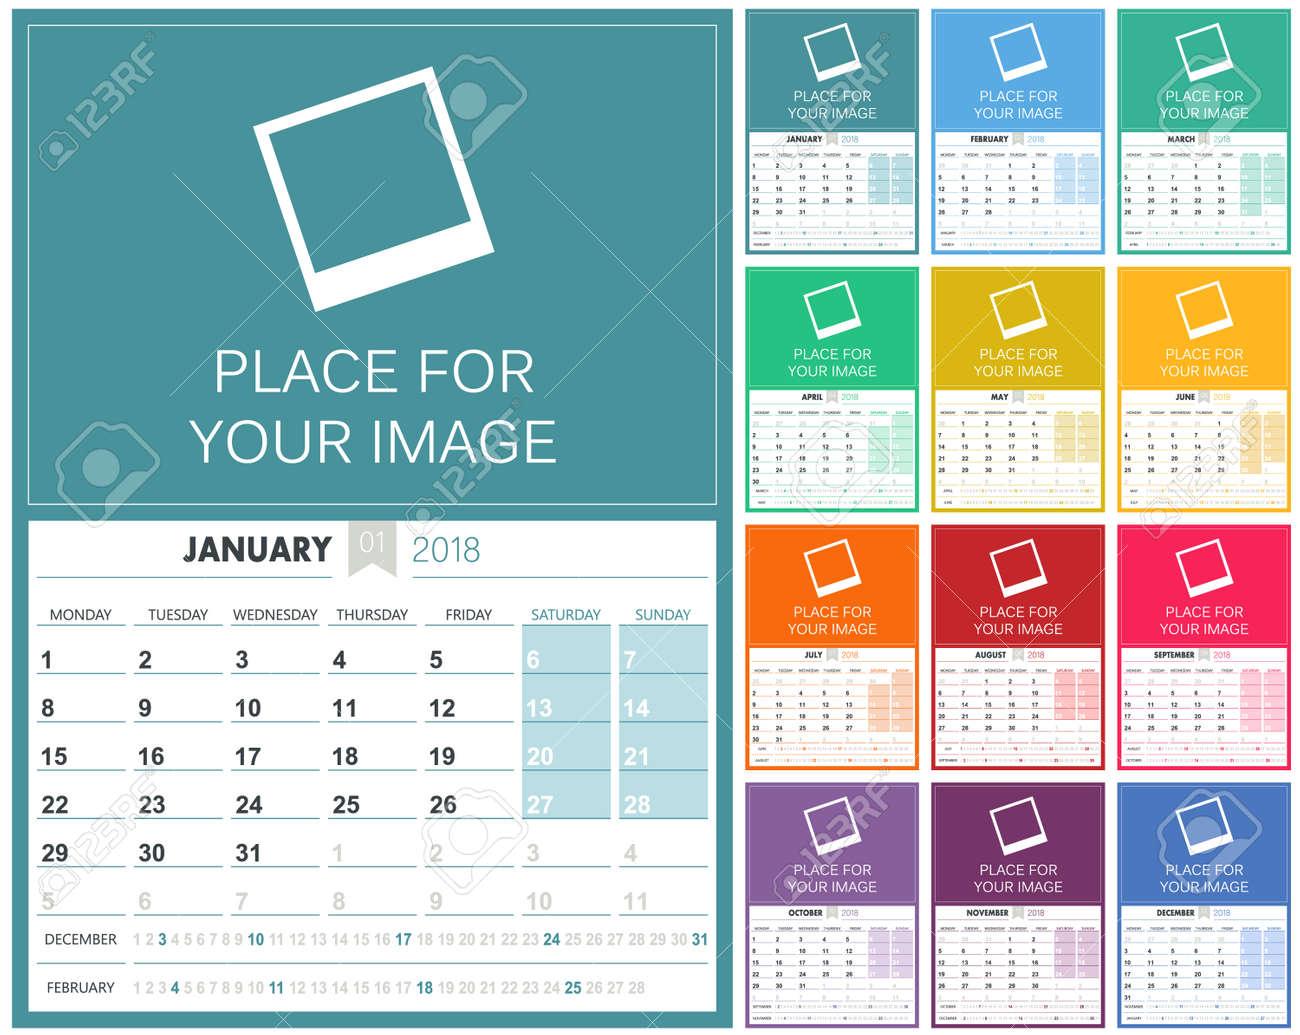 English Calendar Planning Calendar Template Set Of - Photo calendar template 2018